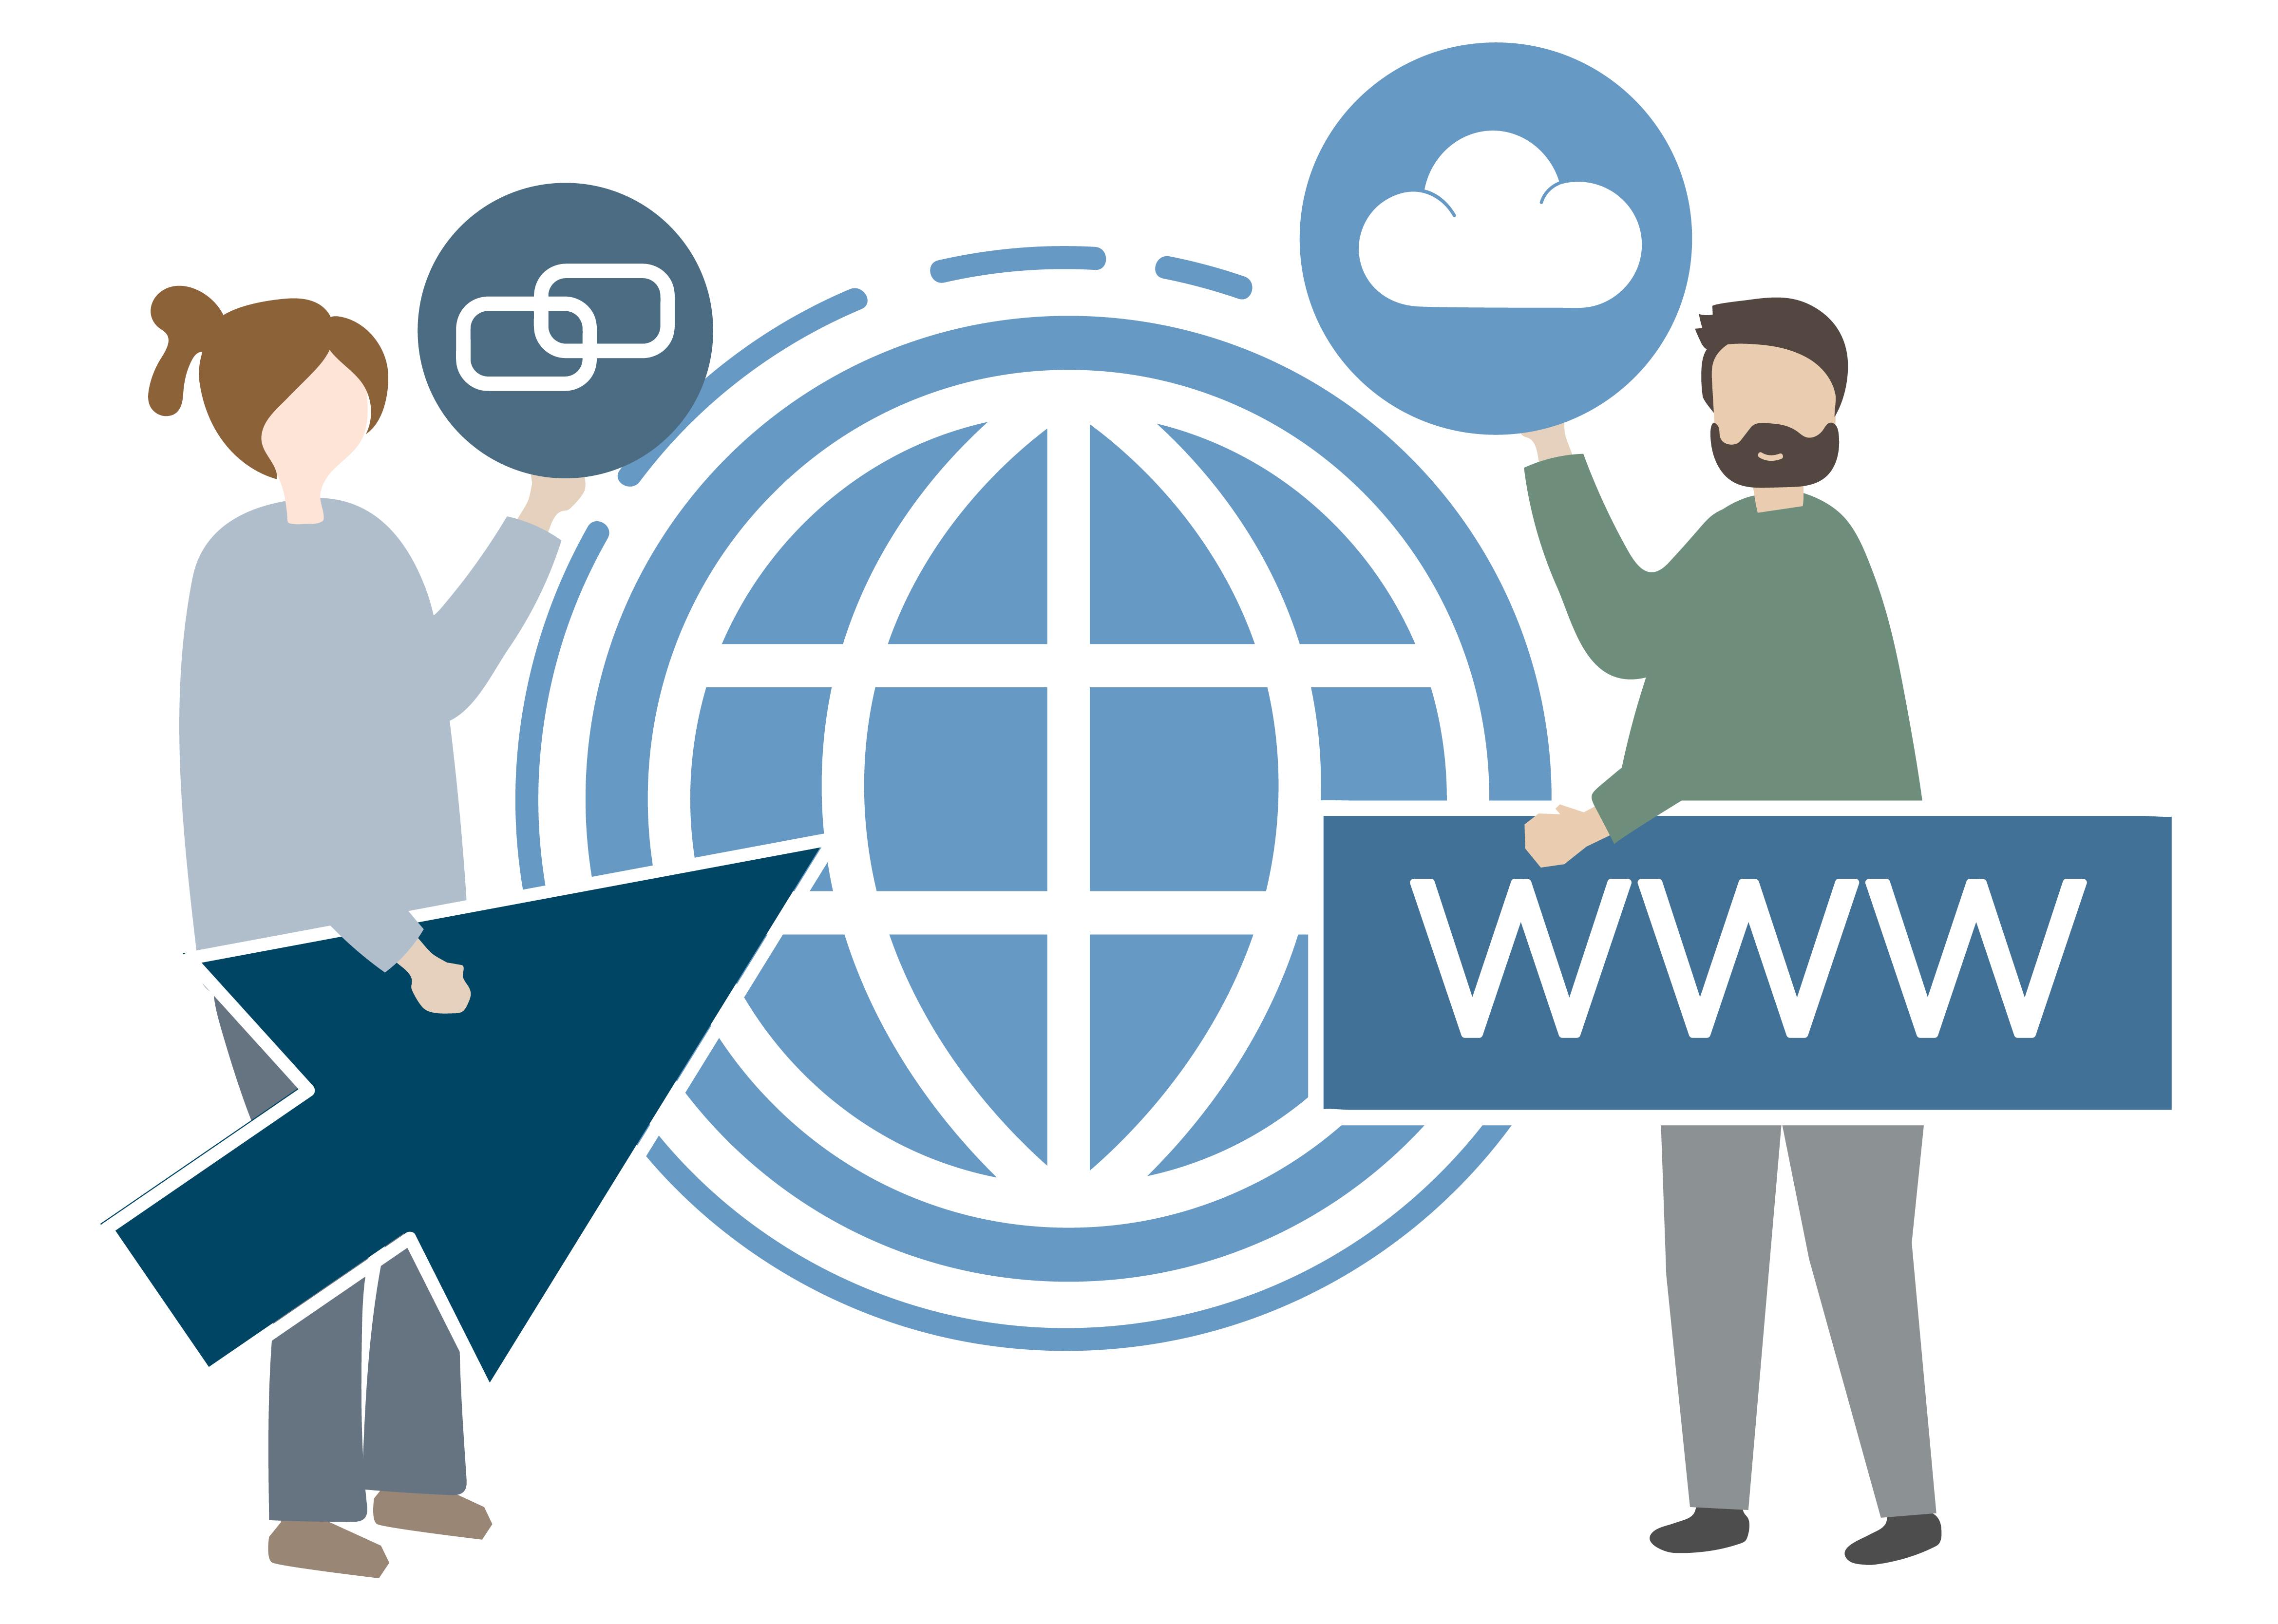 NTI implanta dois novos links de rede